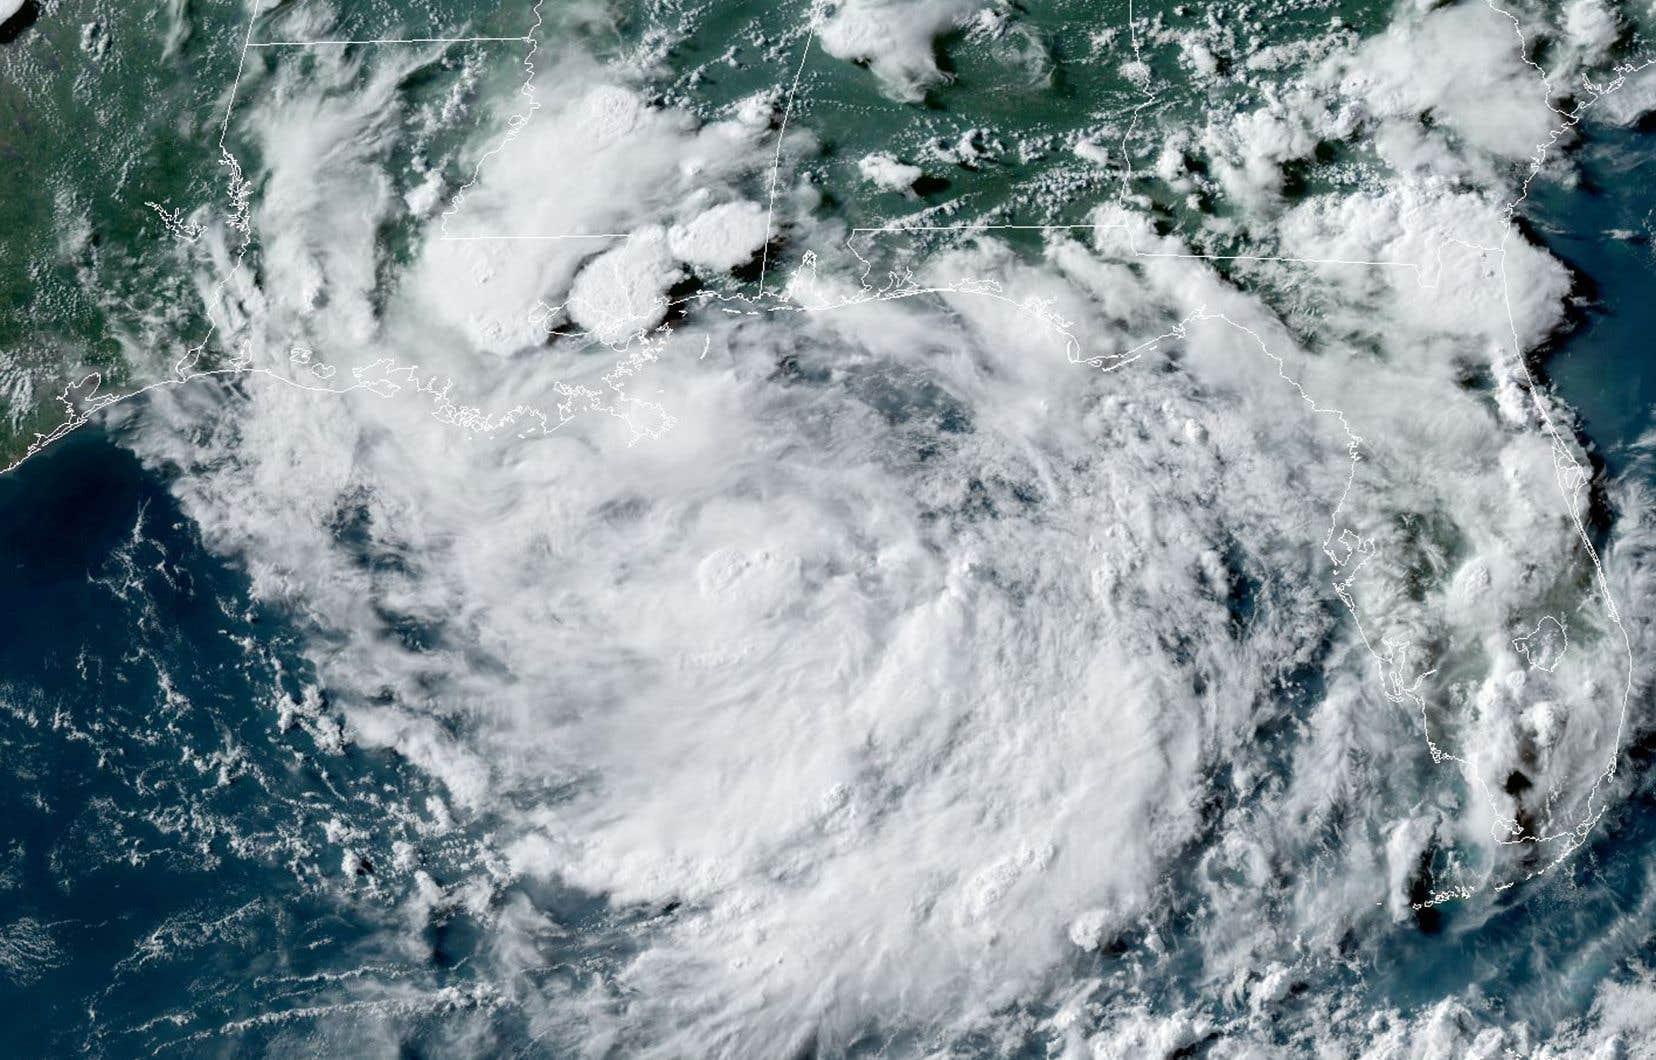 Non seulement une bombe ne modifierait pas la tempête, mais les vents répandraient rapidement les retombées radioactives sur les terres avoisinantes, indique l'agence américaine océanique et atmosphérique (NOAA).